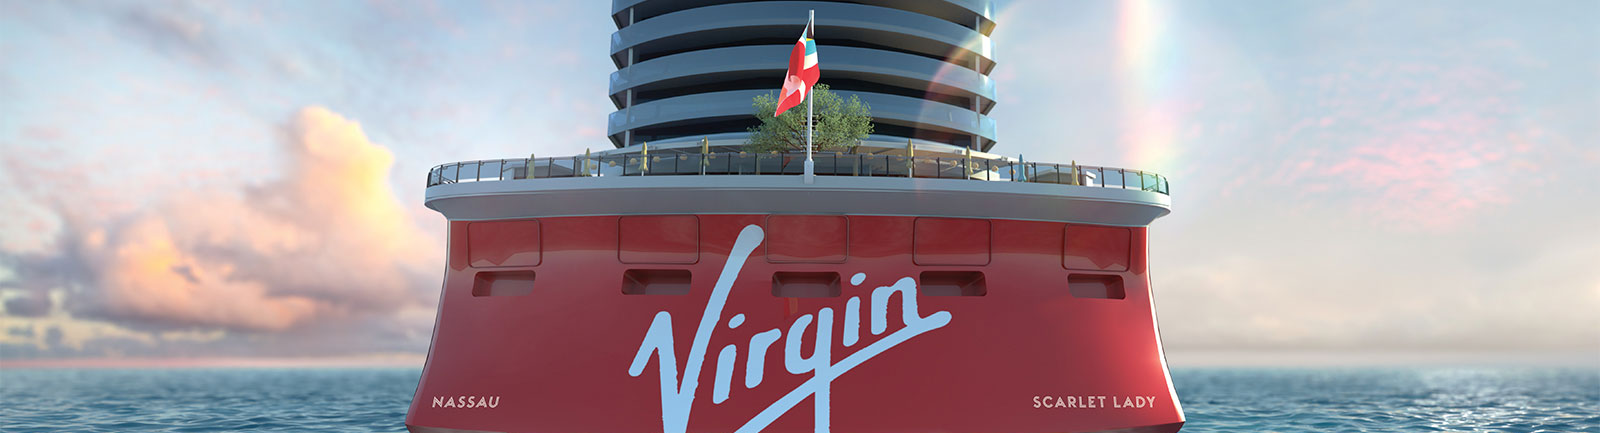 Cruceros Virgin Voyages Cabecera